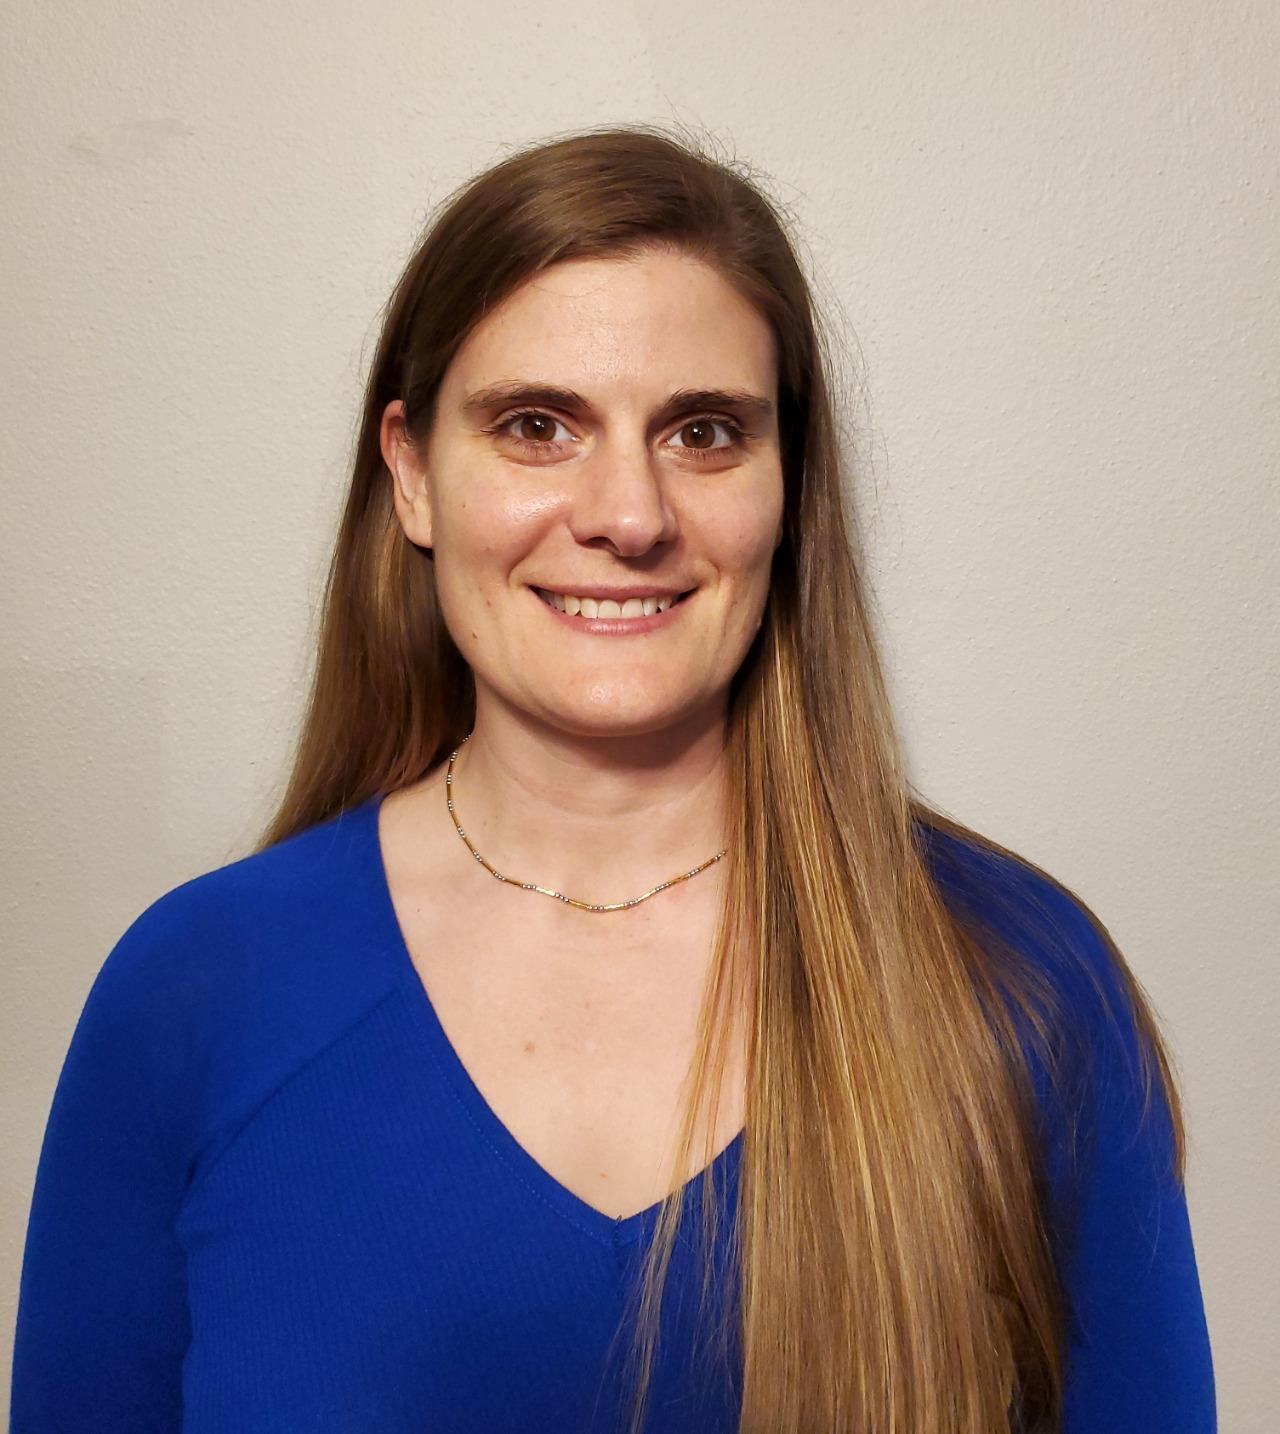 Jessica Haskins Portrait Photo